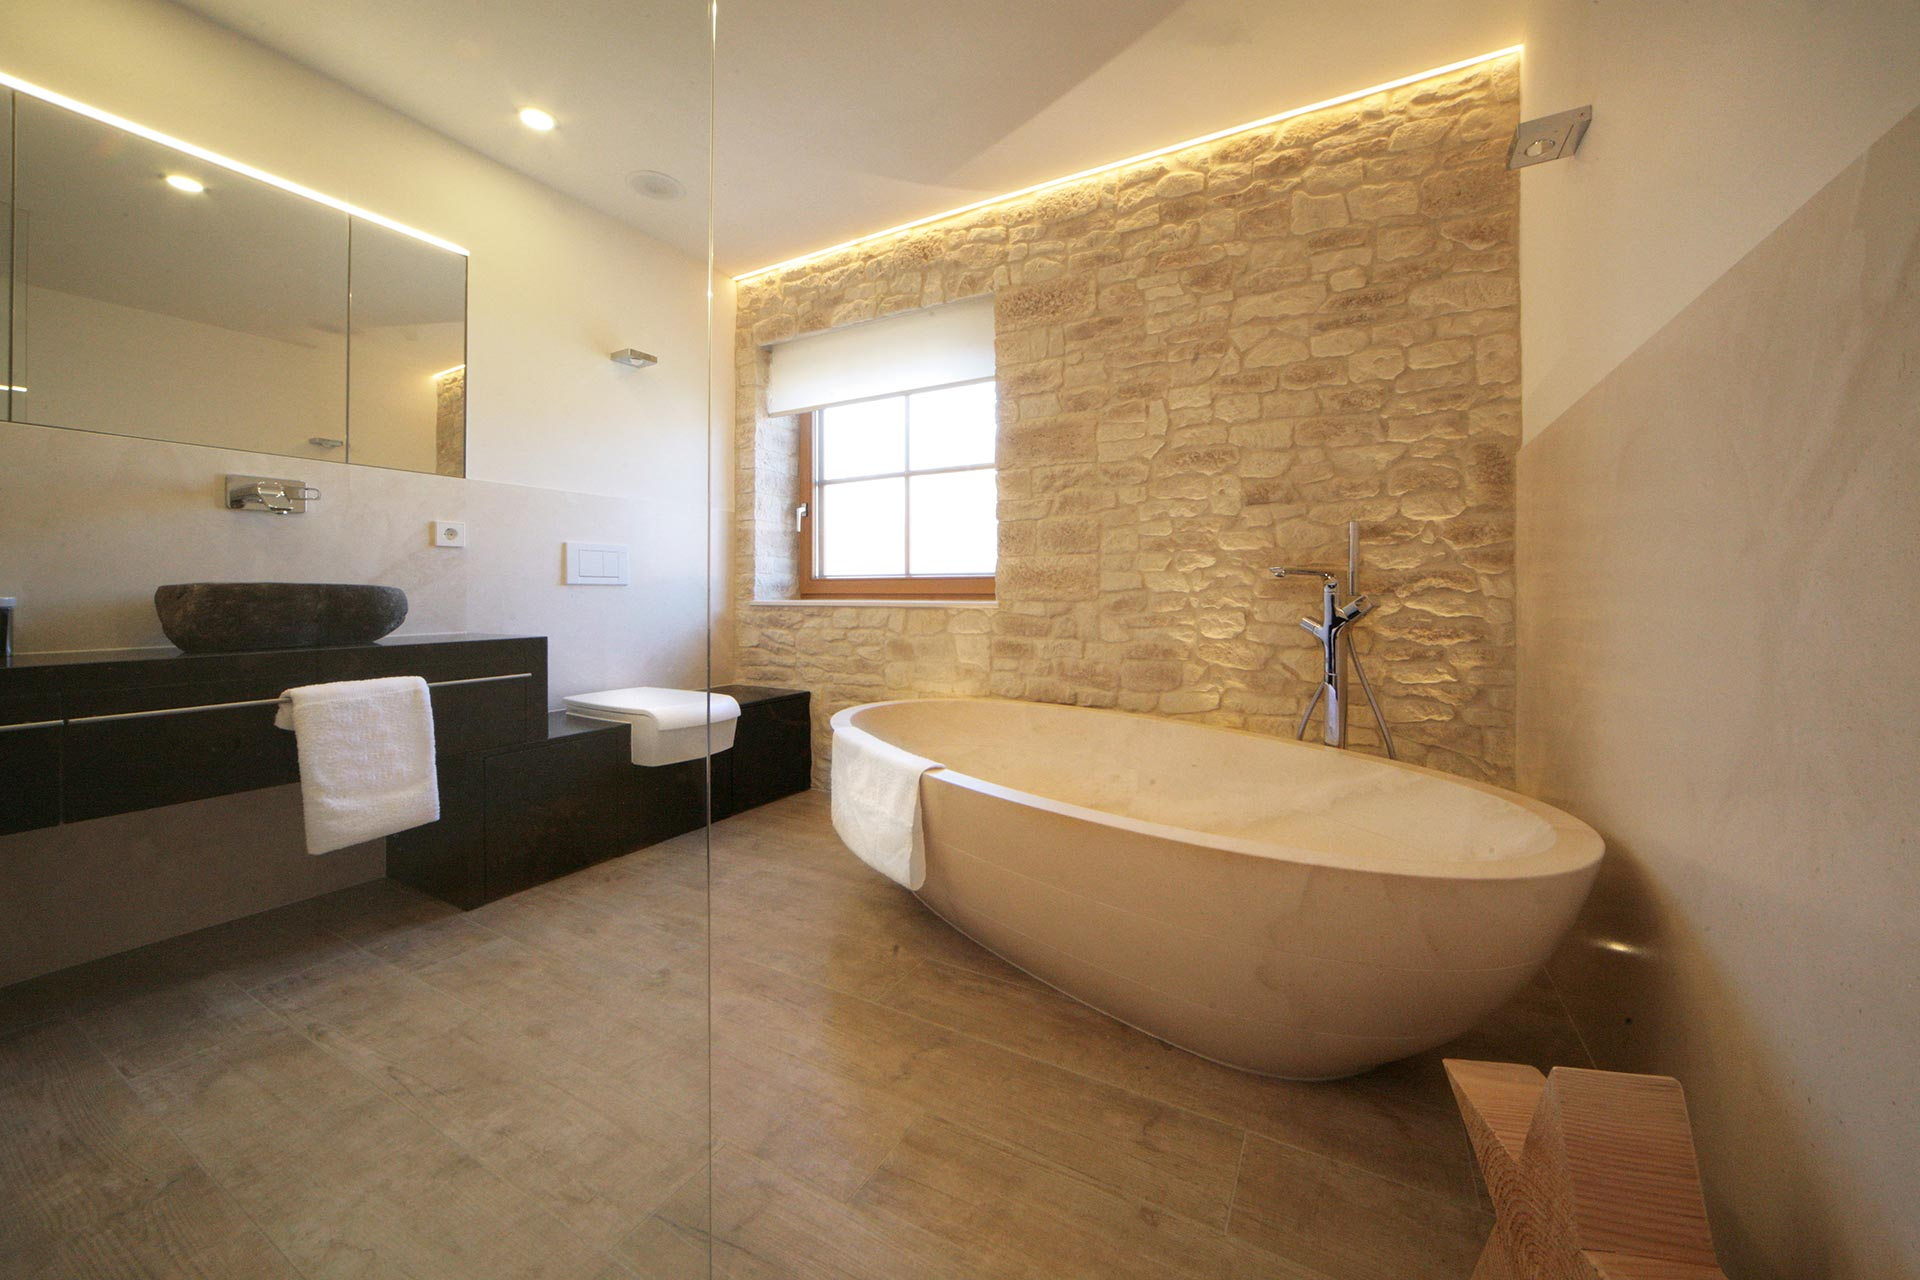 actica GmbH  actica planen  einrichten  Badezimmer und